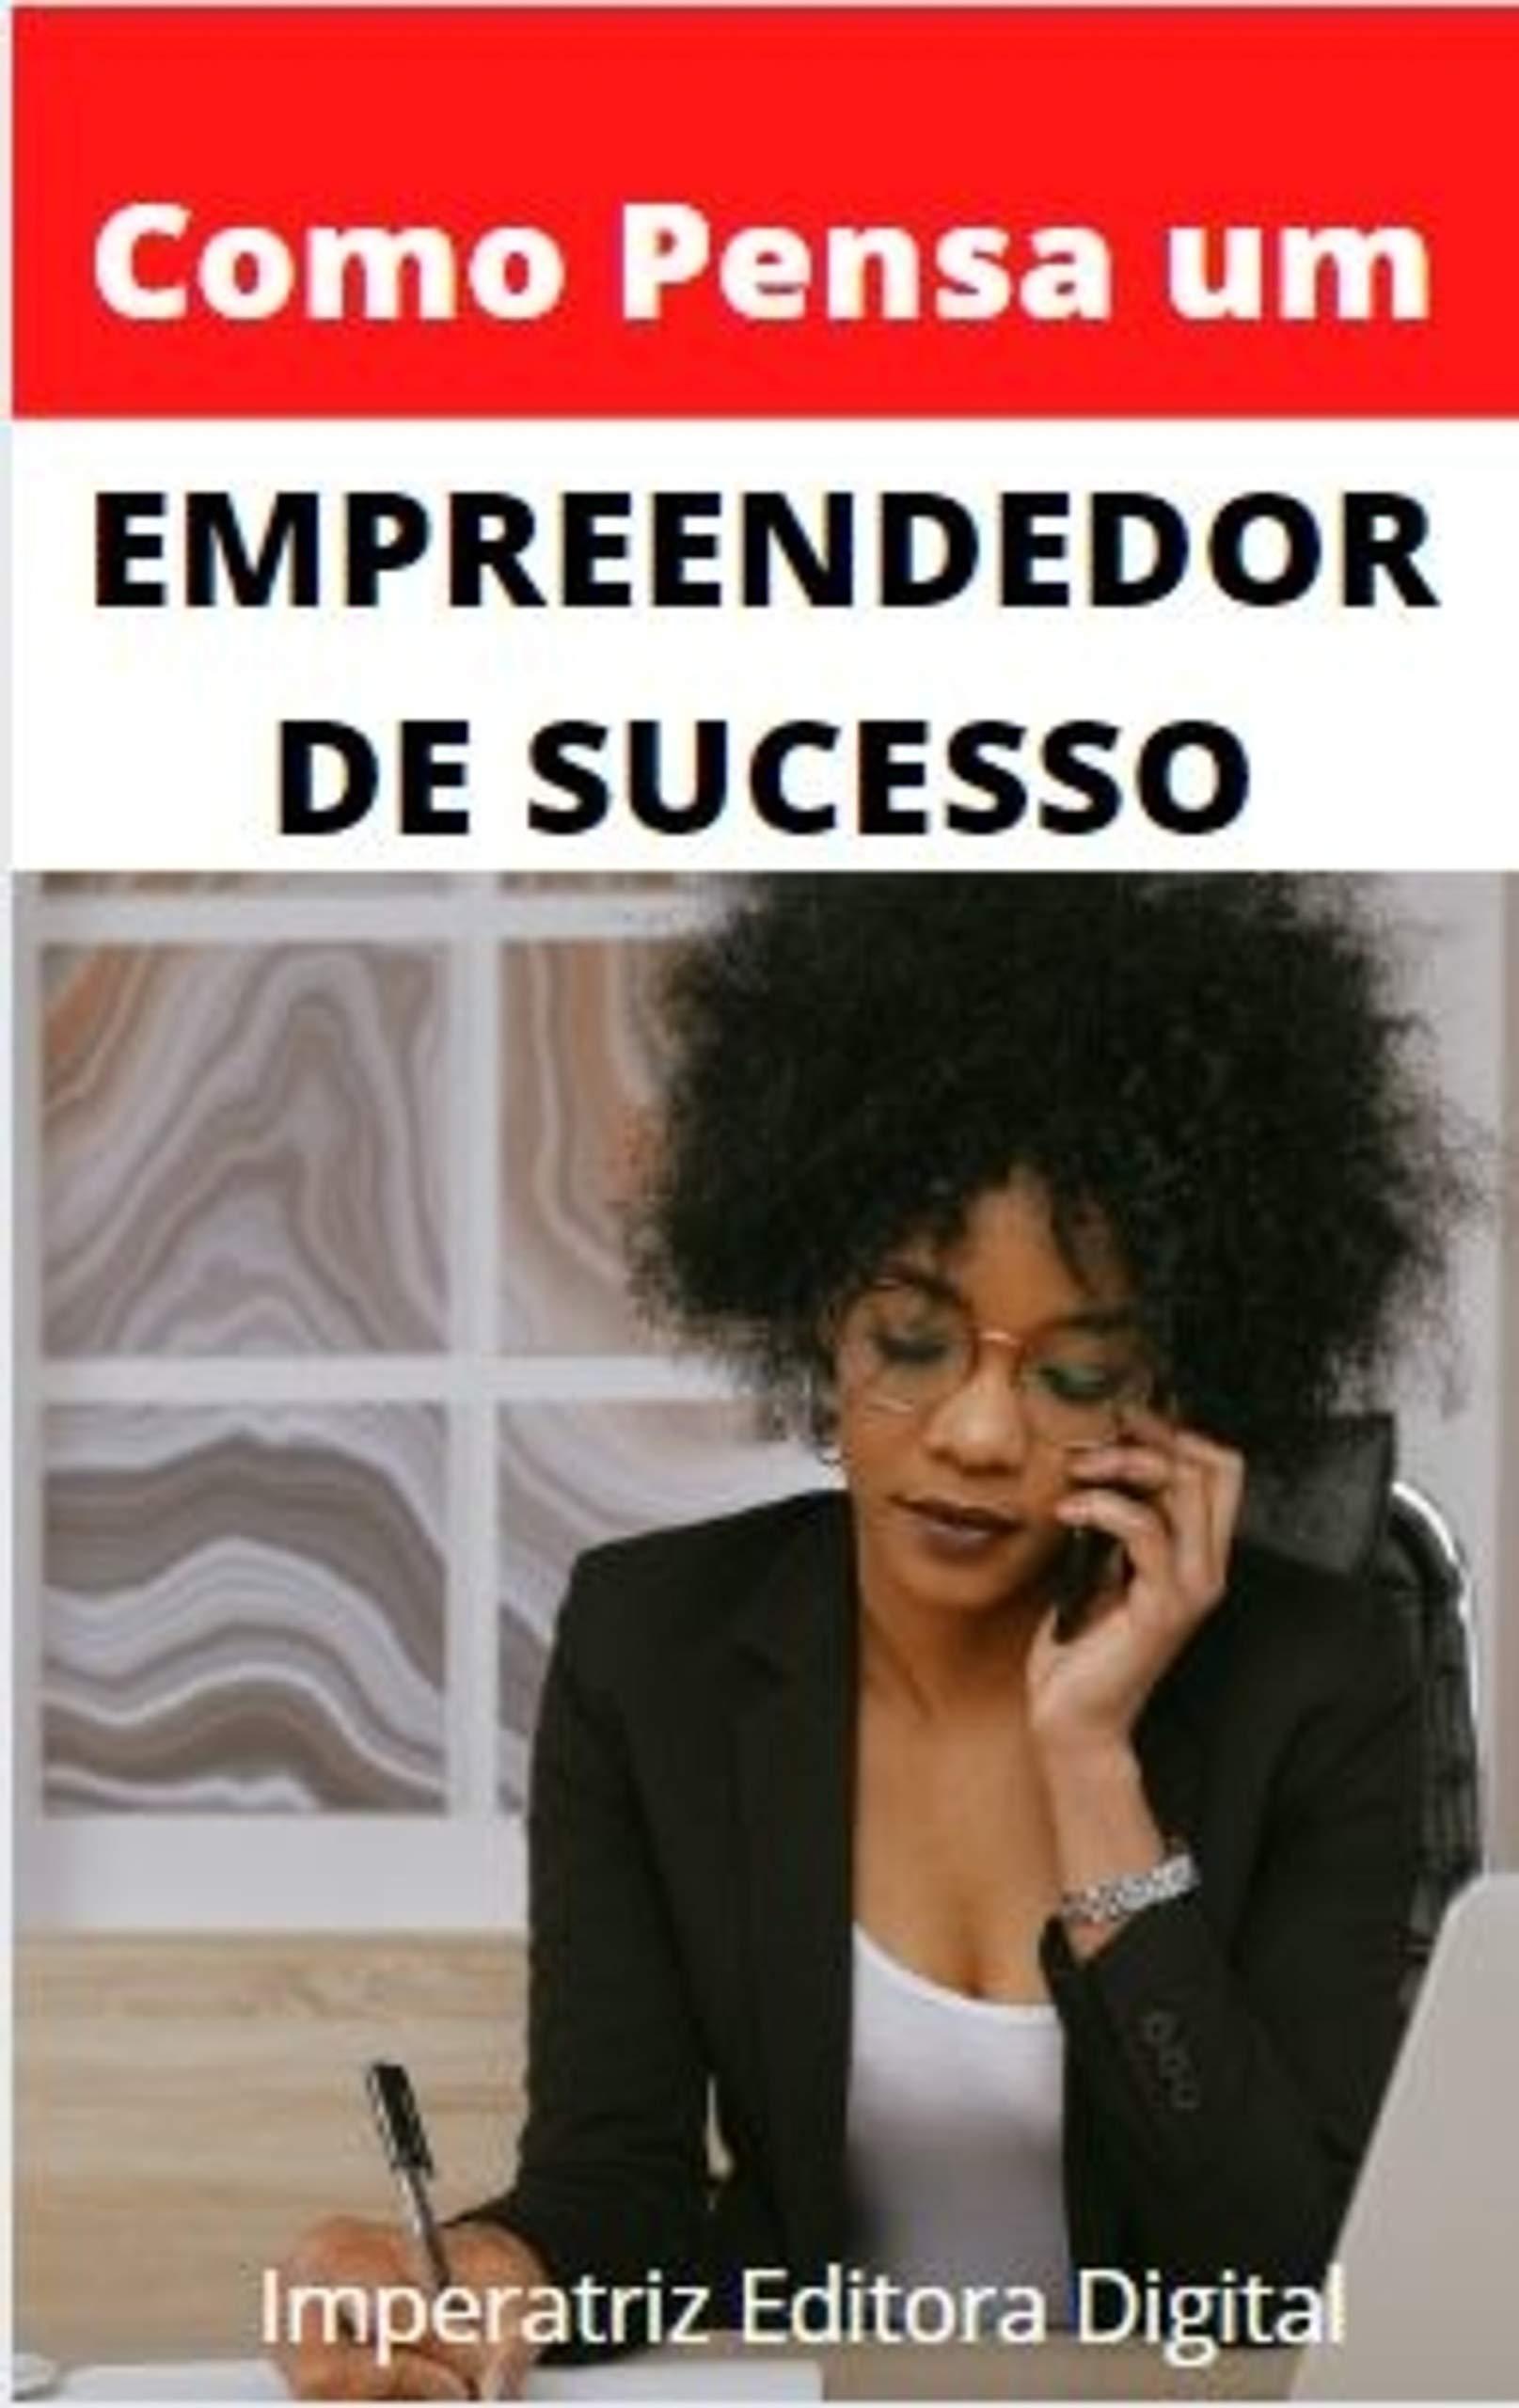 Como Pensa Um Empreendedor de Sucesso (Portuguese Edition)